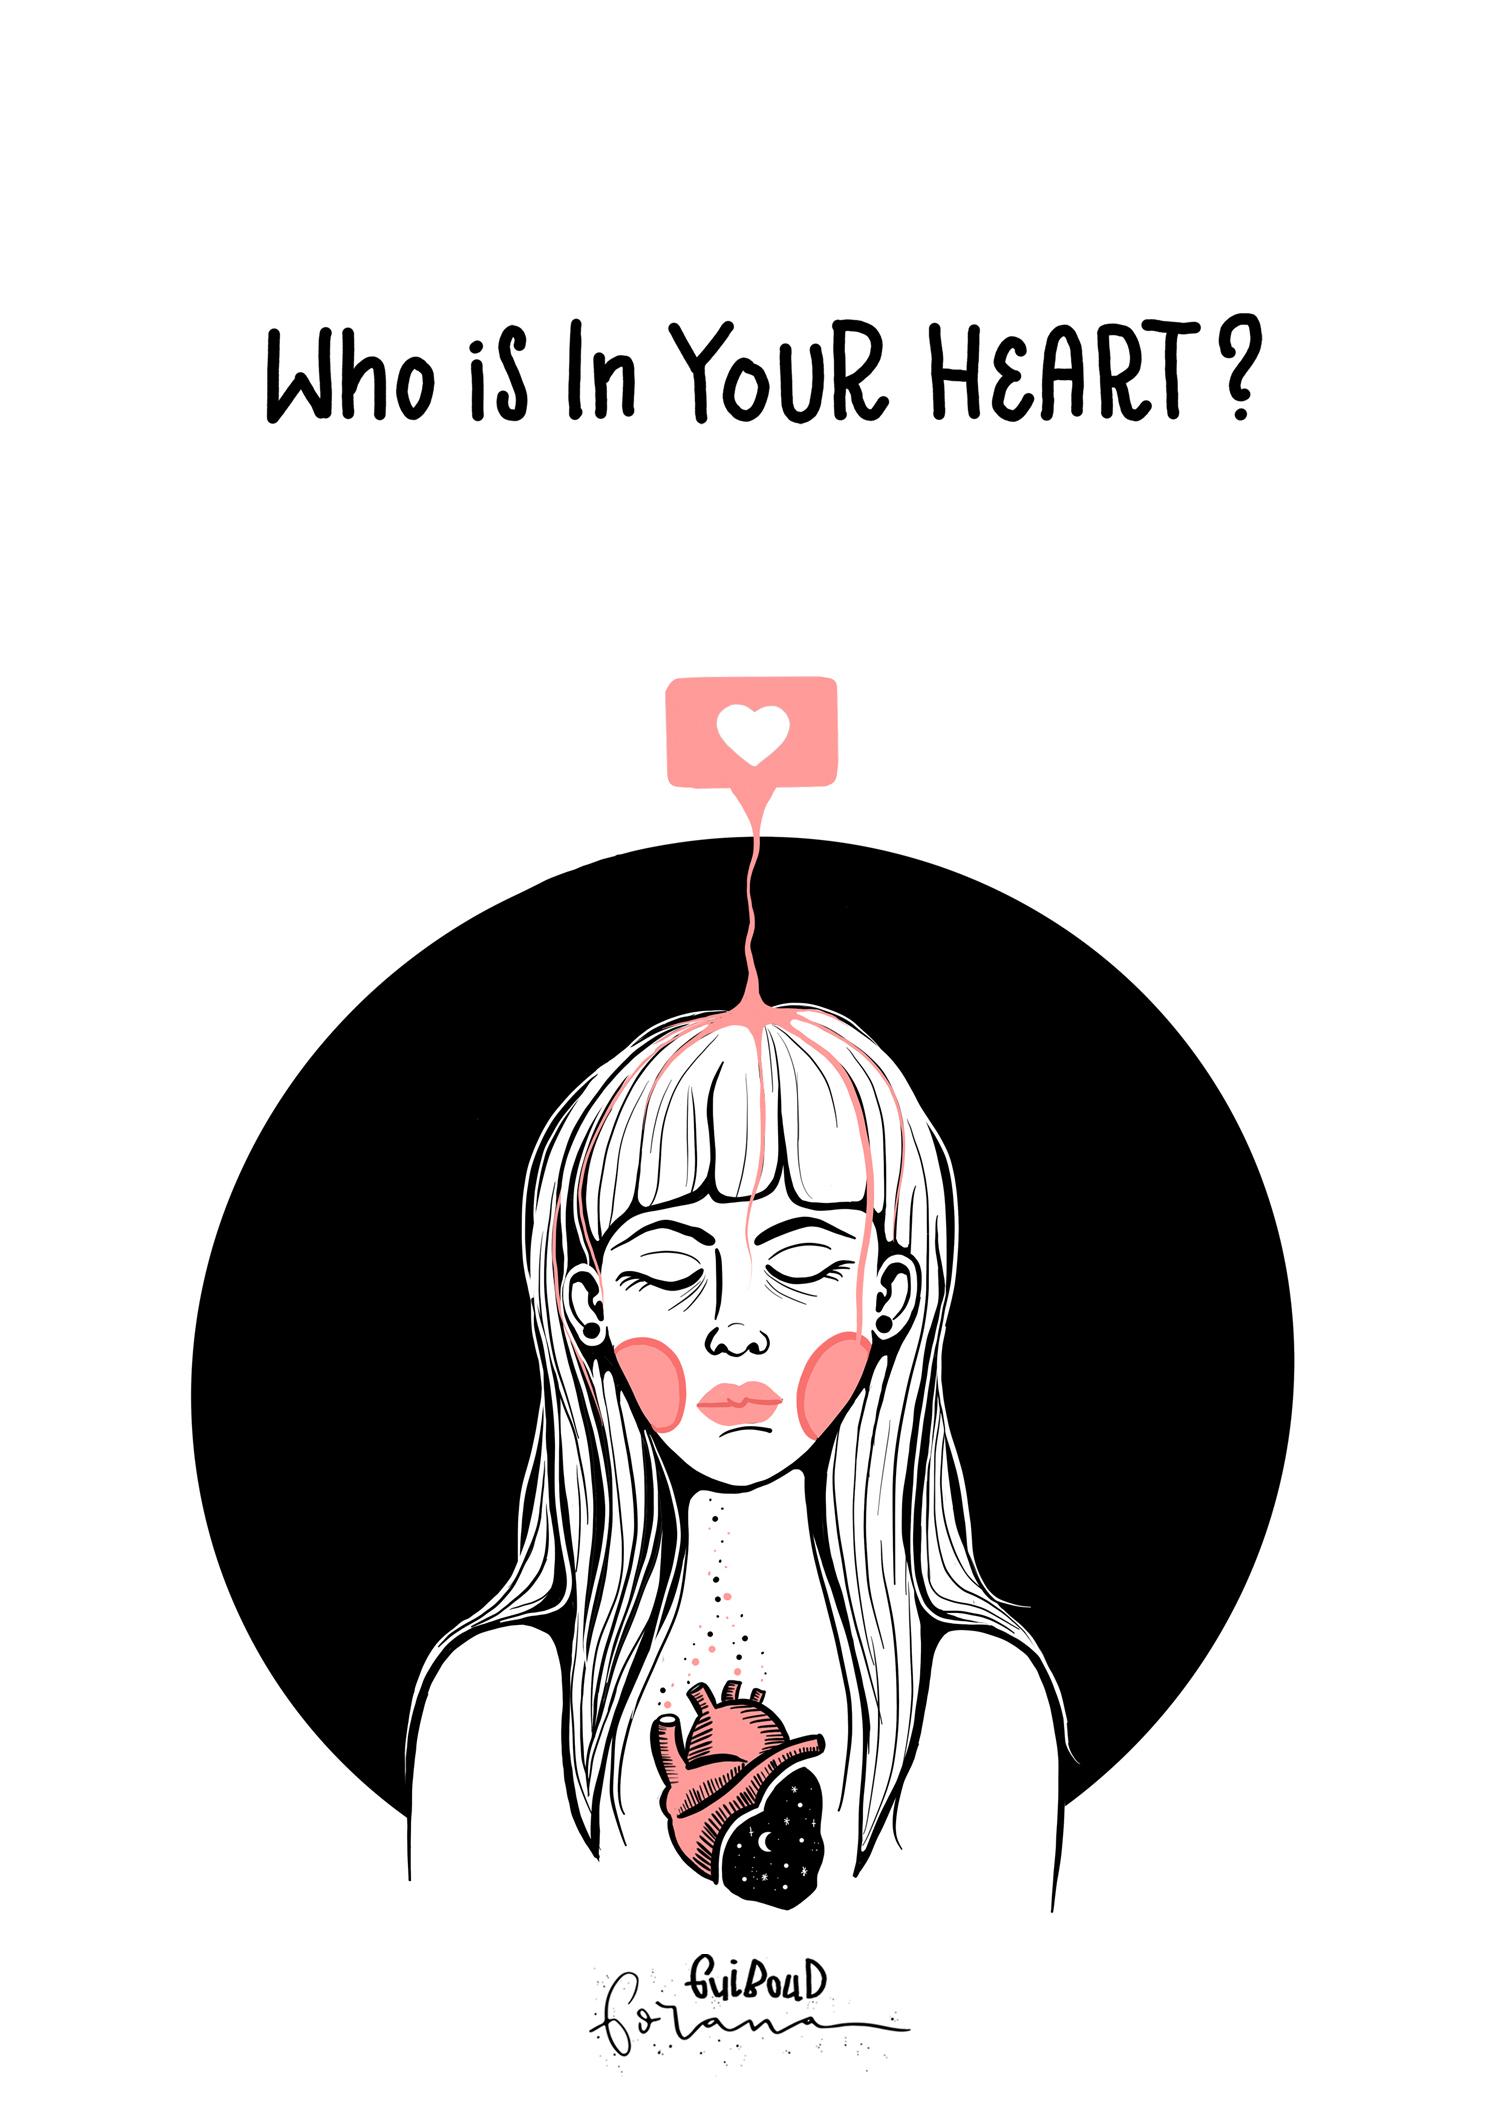 heart_goranaguiboud.jpg